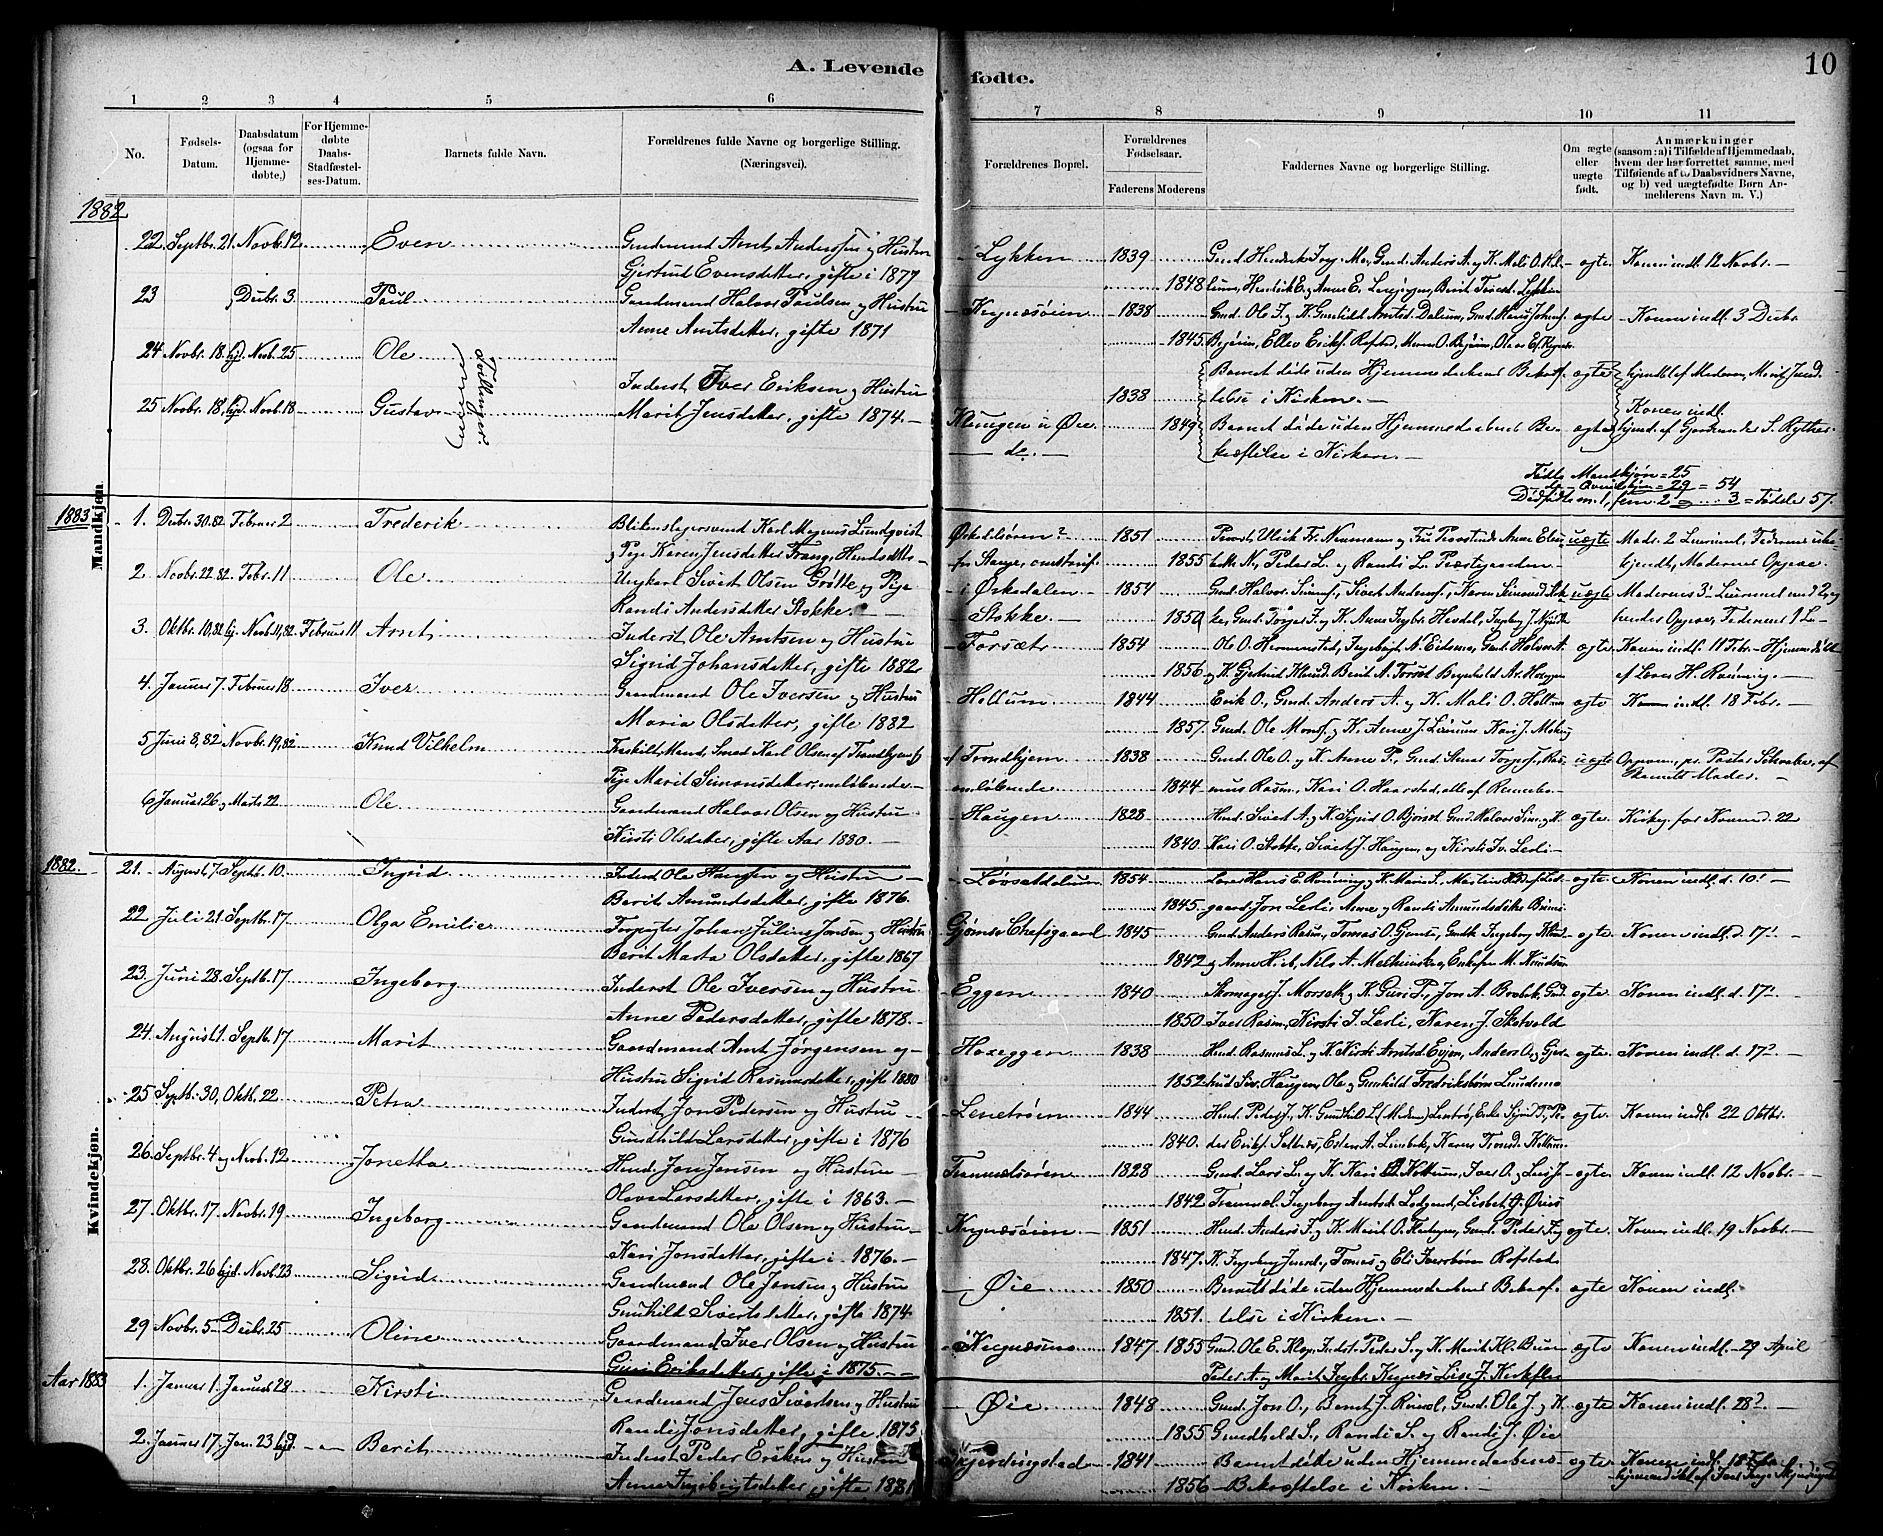 SAT, Ministerialprotokoller, klokkerbøker og fødselsregistre - Sør-Trøndelag, 691/L1094: Klokkerbok nr. 691C05, 1879-1911, s. 10